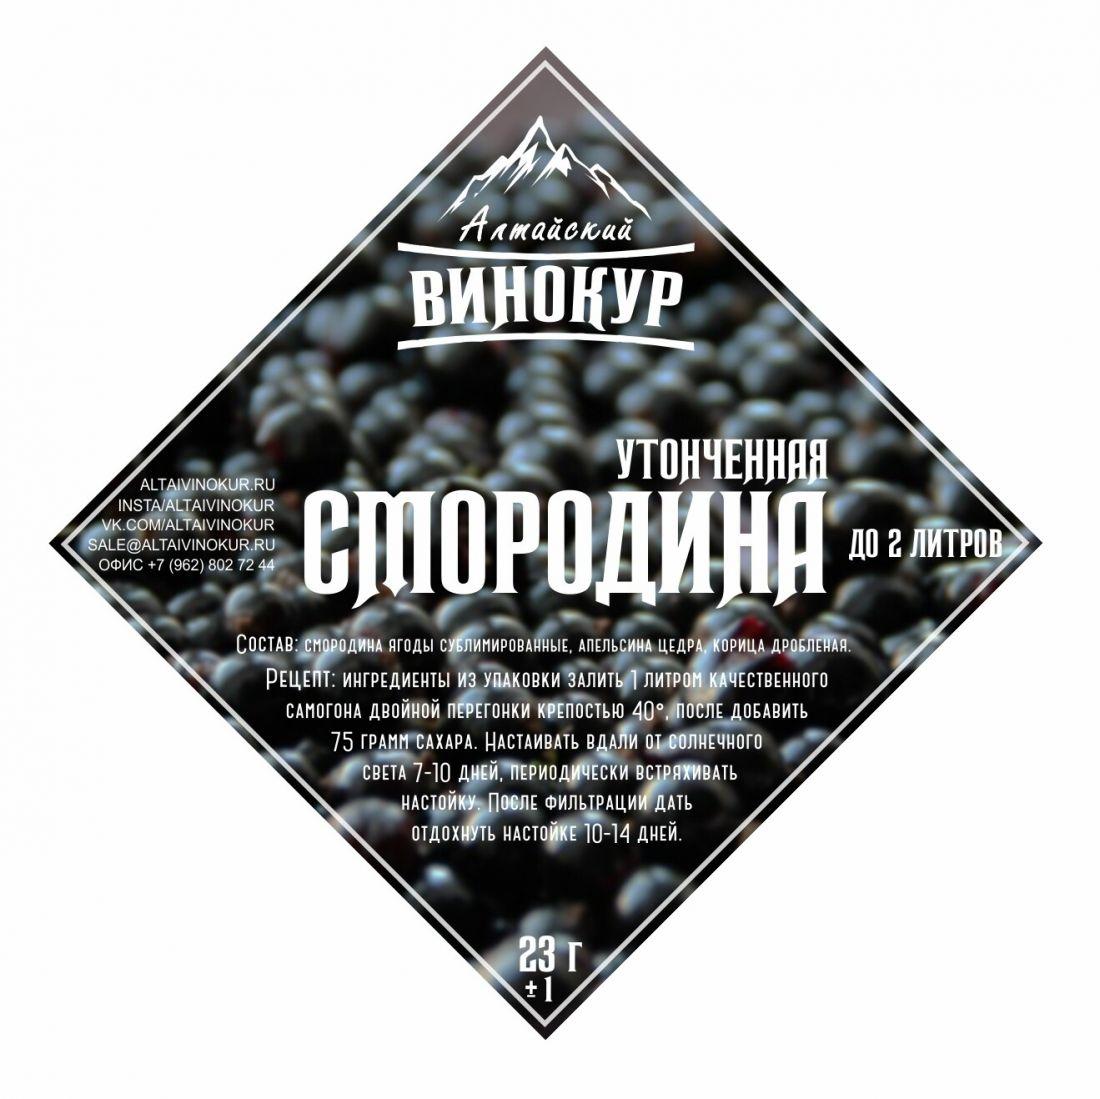 Настойка Утонченная Смородина (Алтайский Винокур)